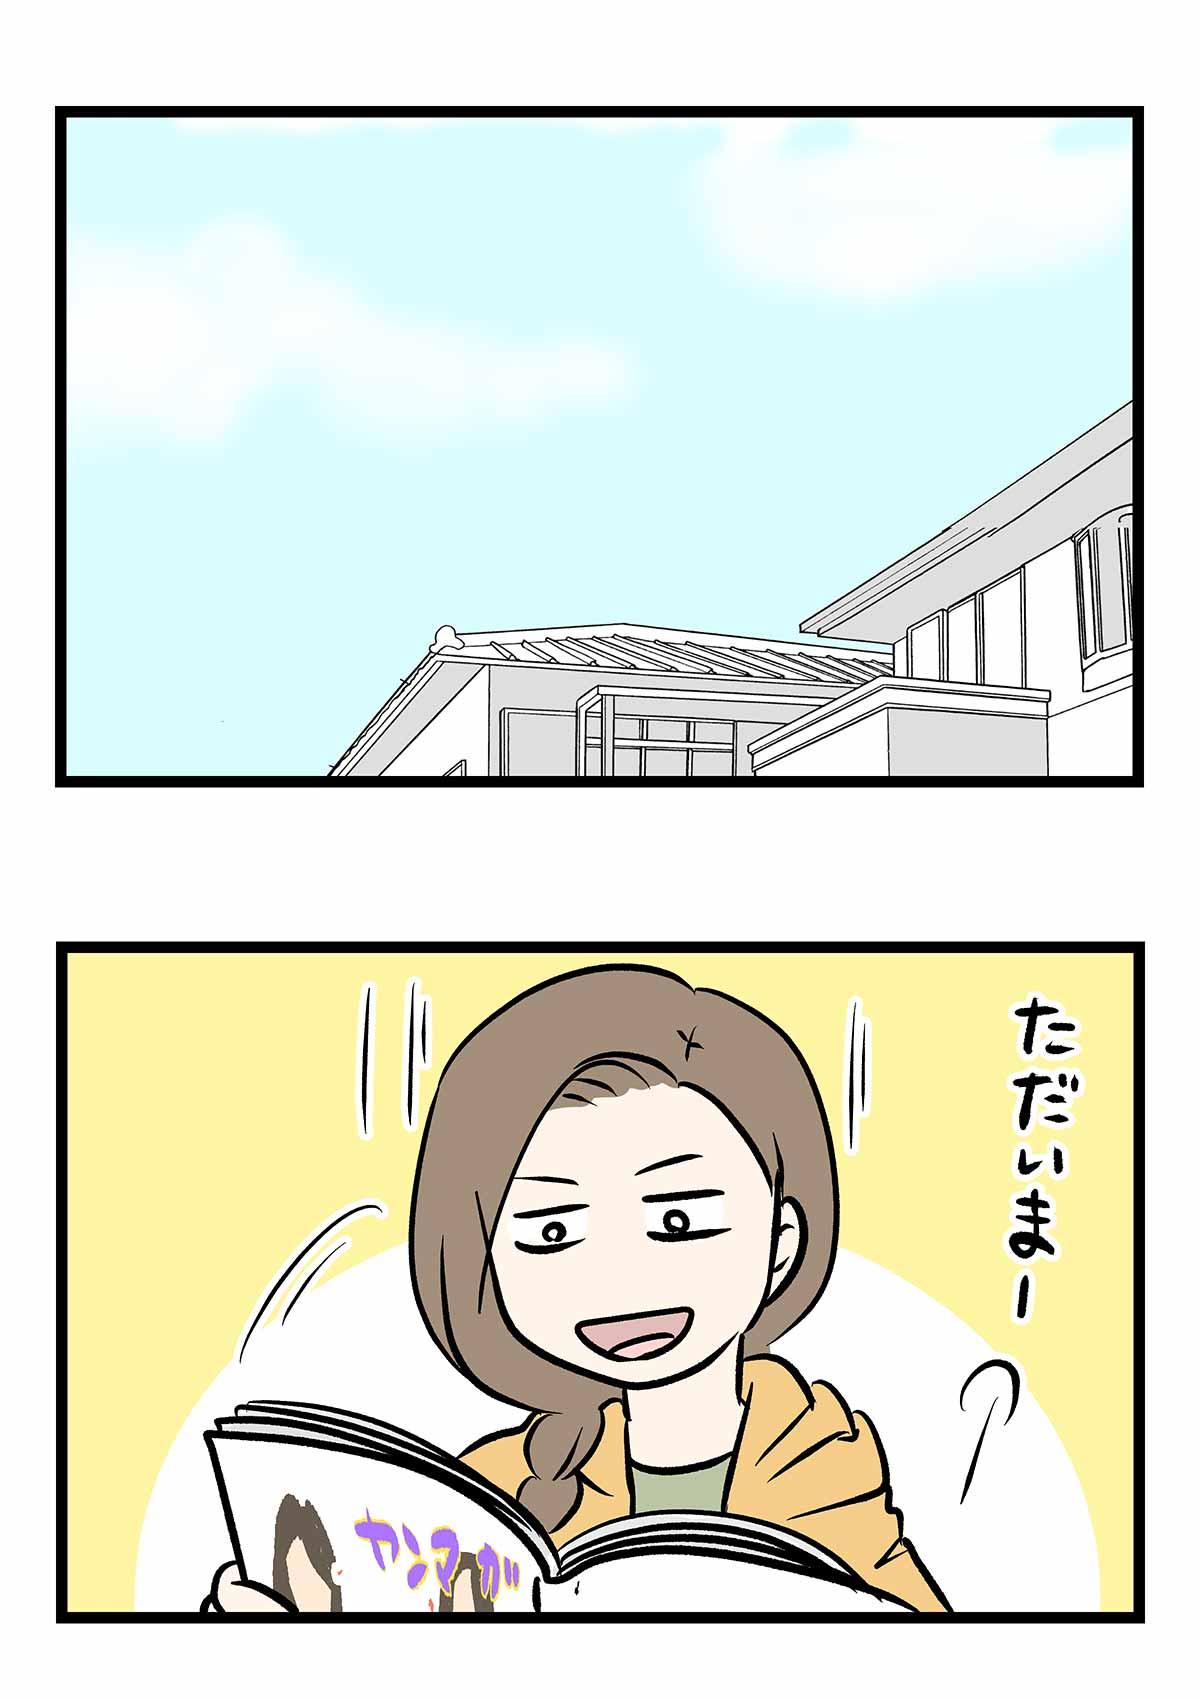 コ246a